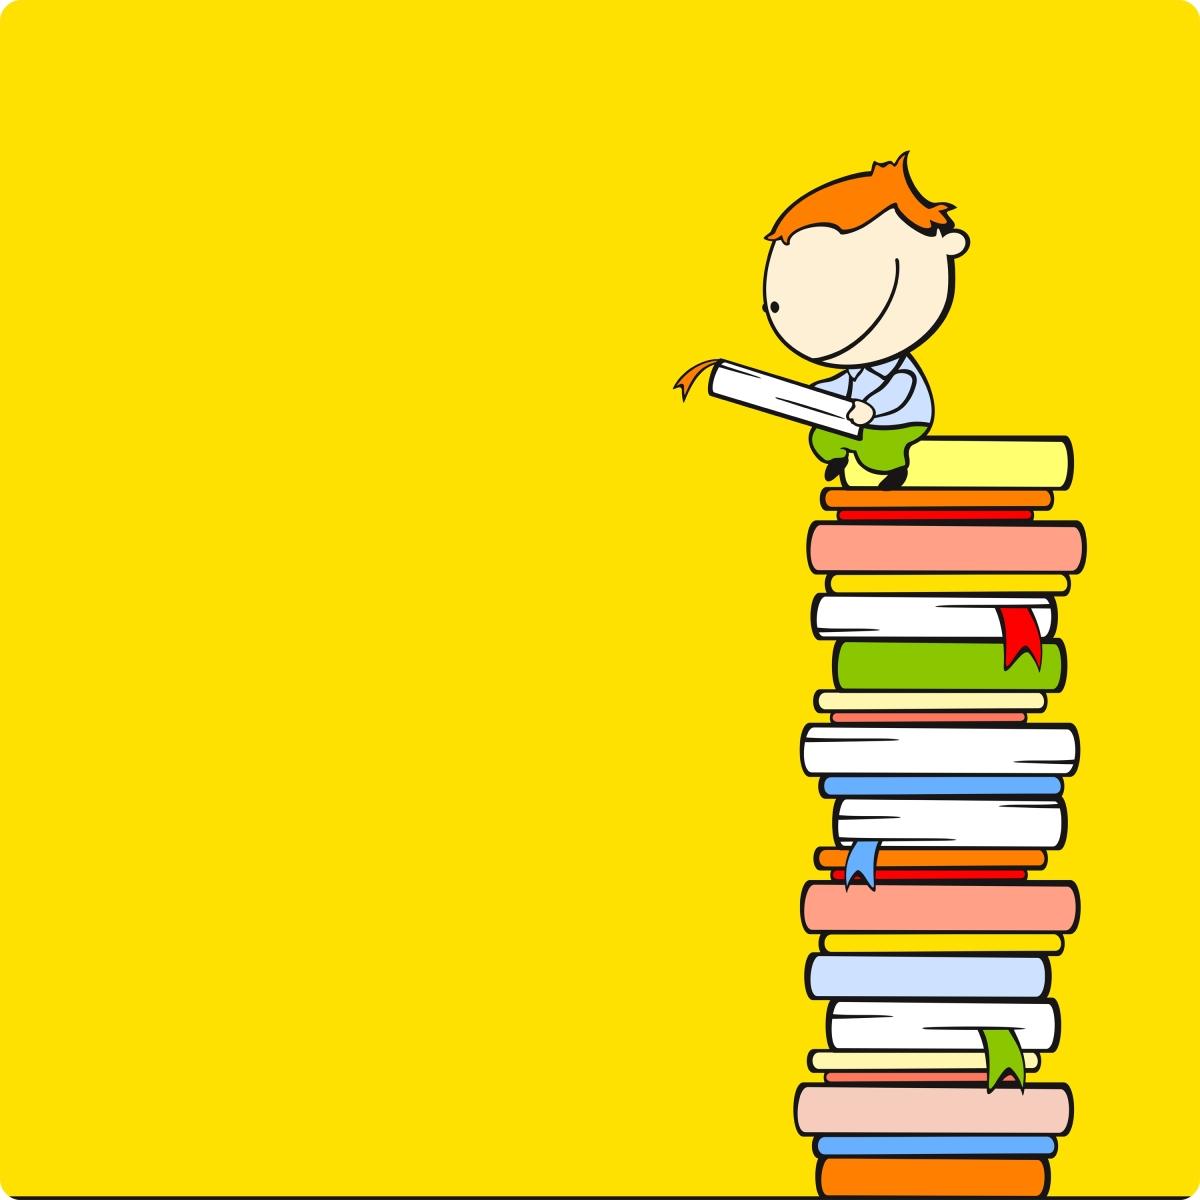 ყველაზე პოპულარული საბავშვო წიგნები საქართველოში